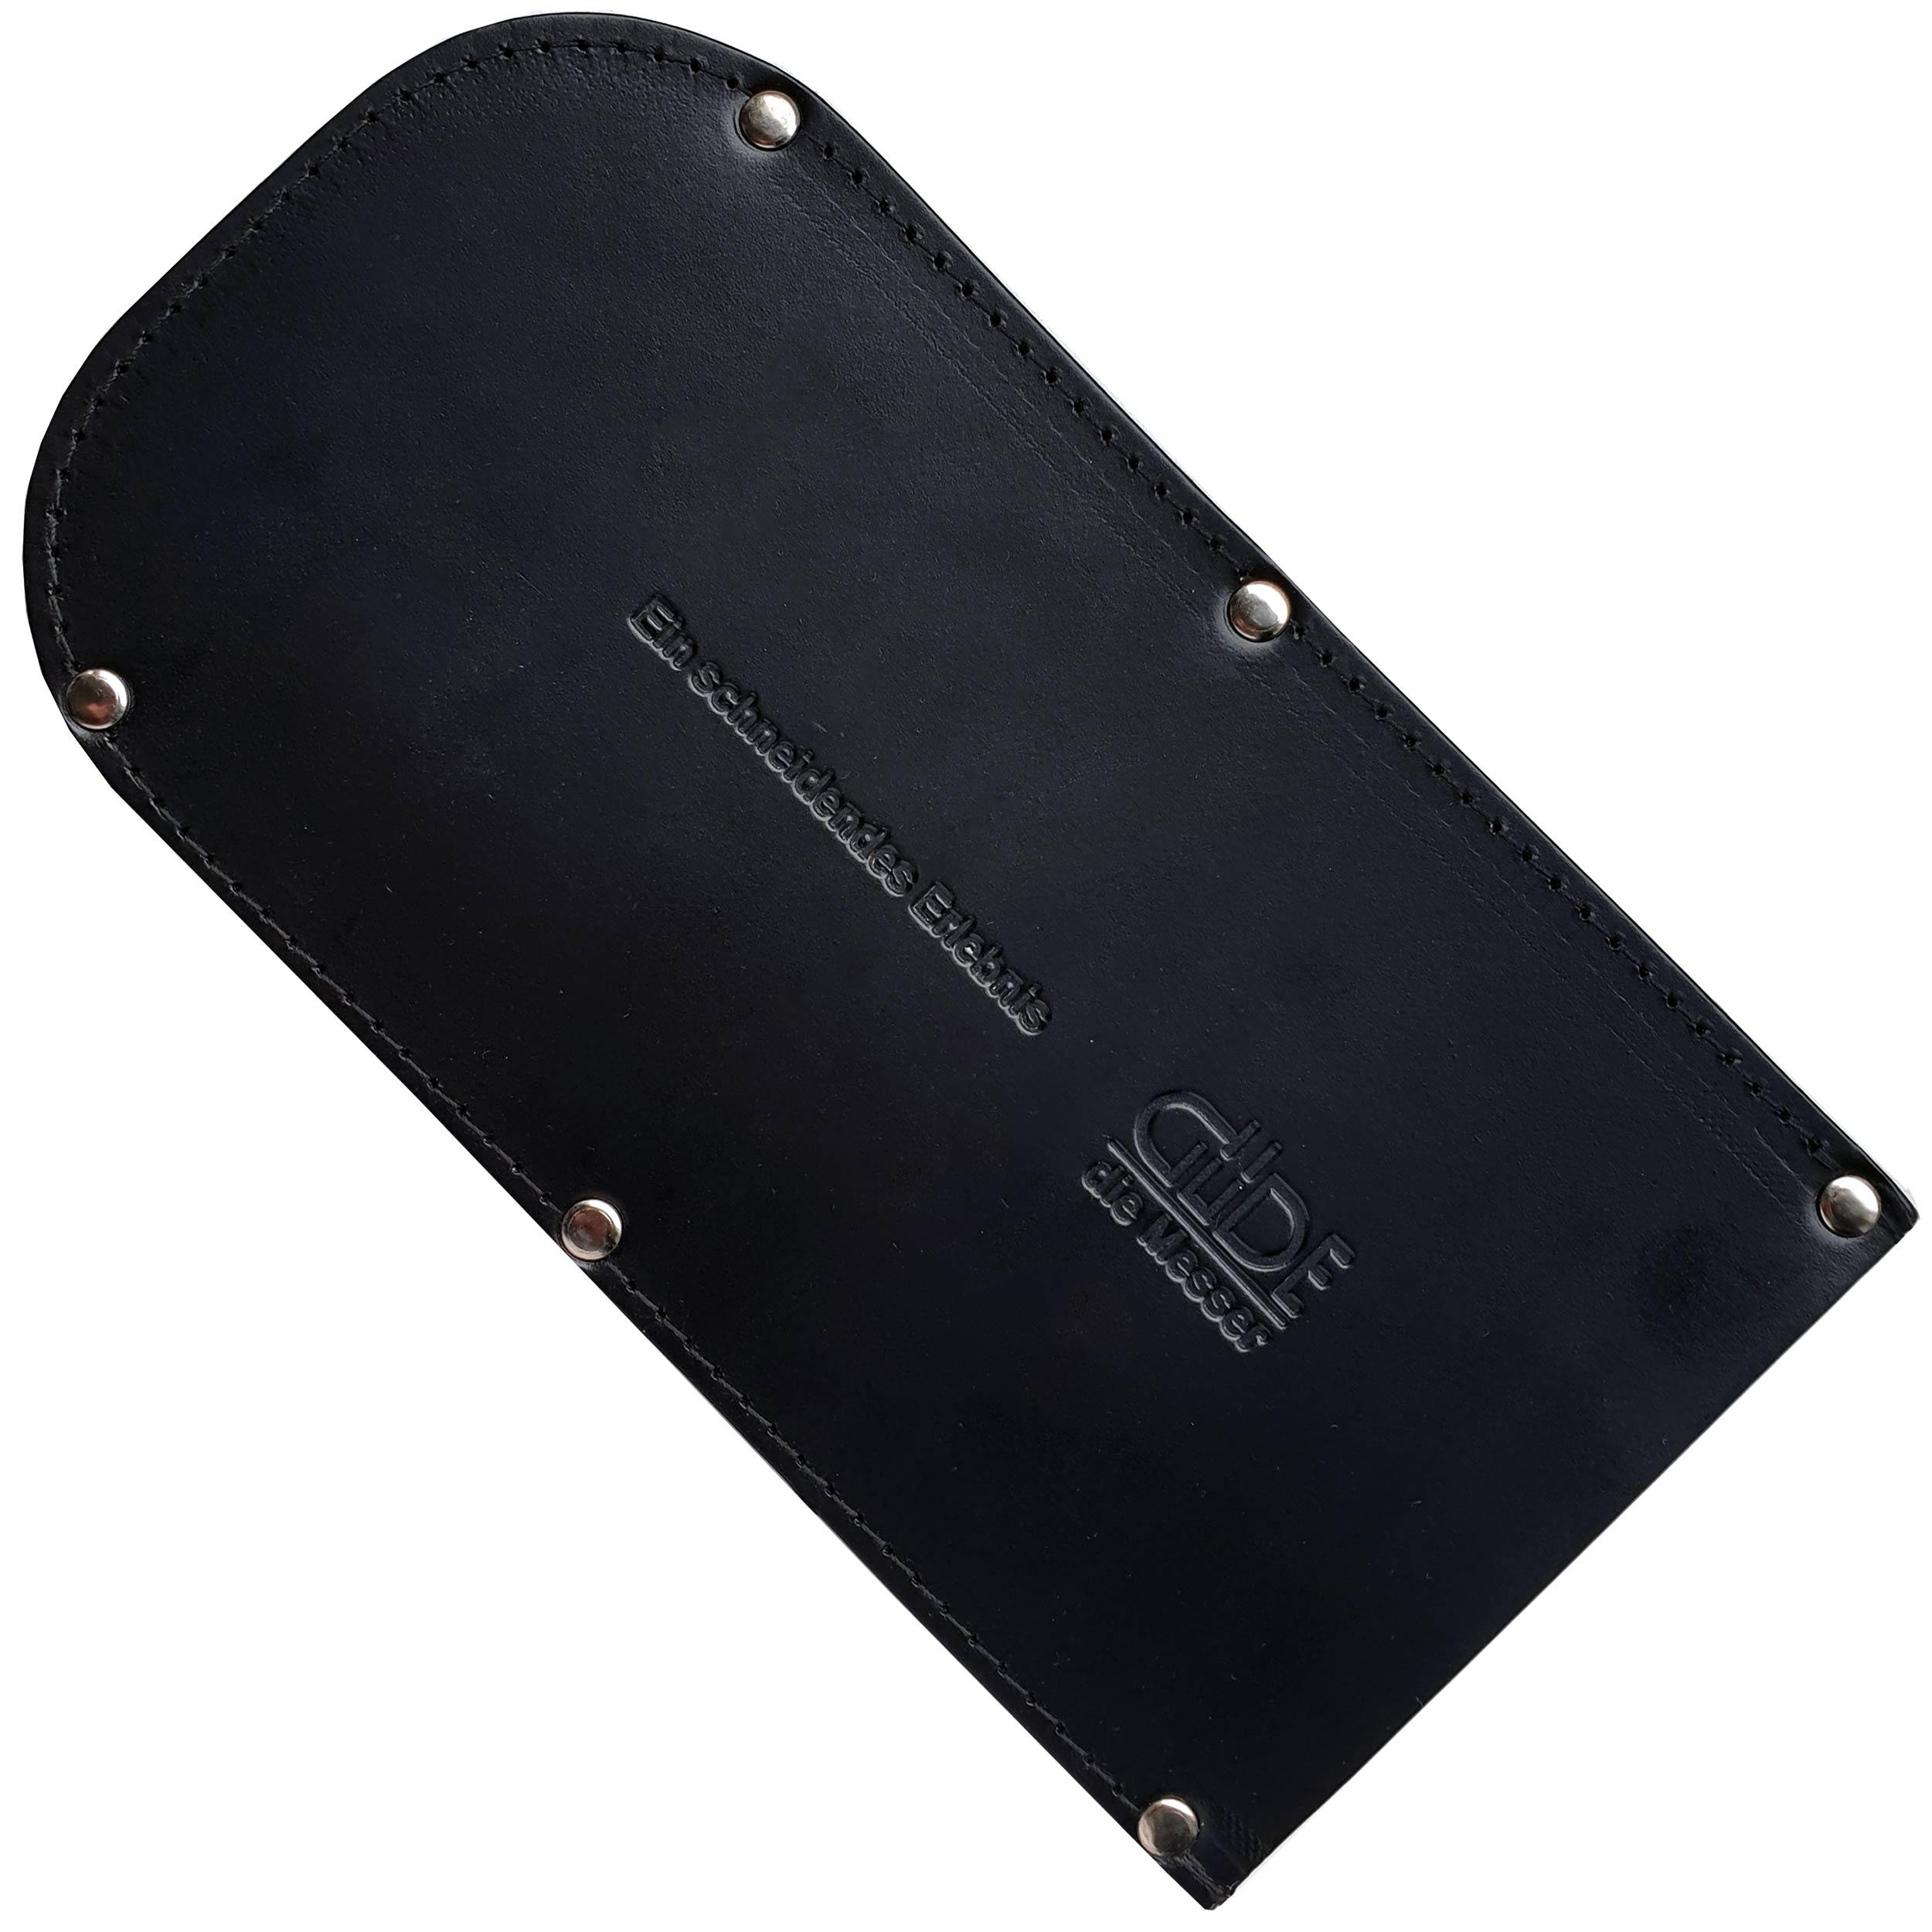 Güde Messerscheide 5200/18B aus Leder - 20 cm